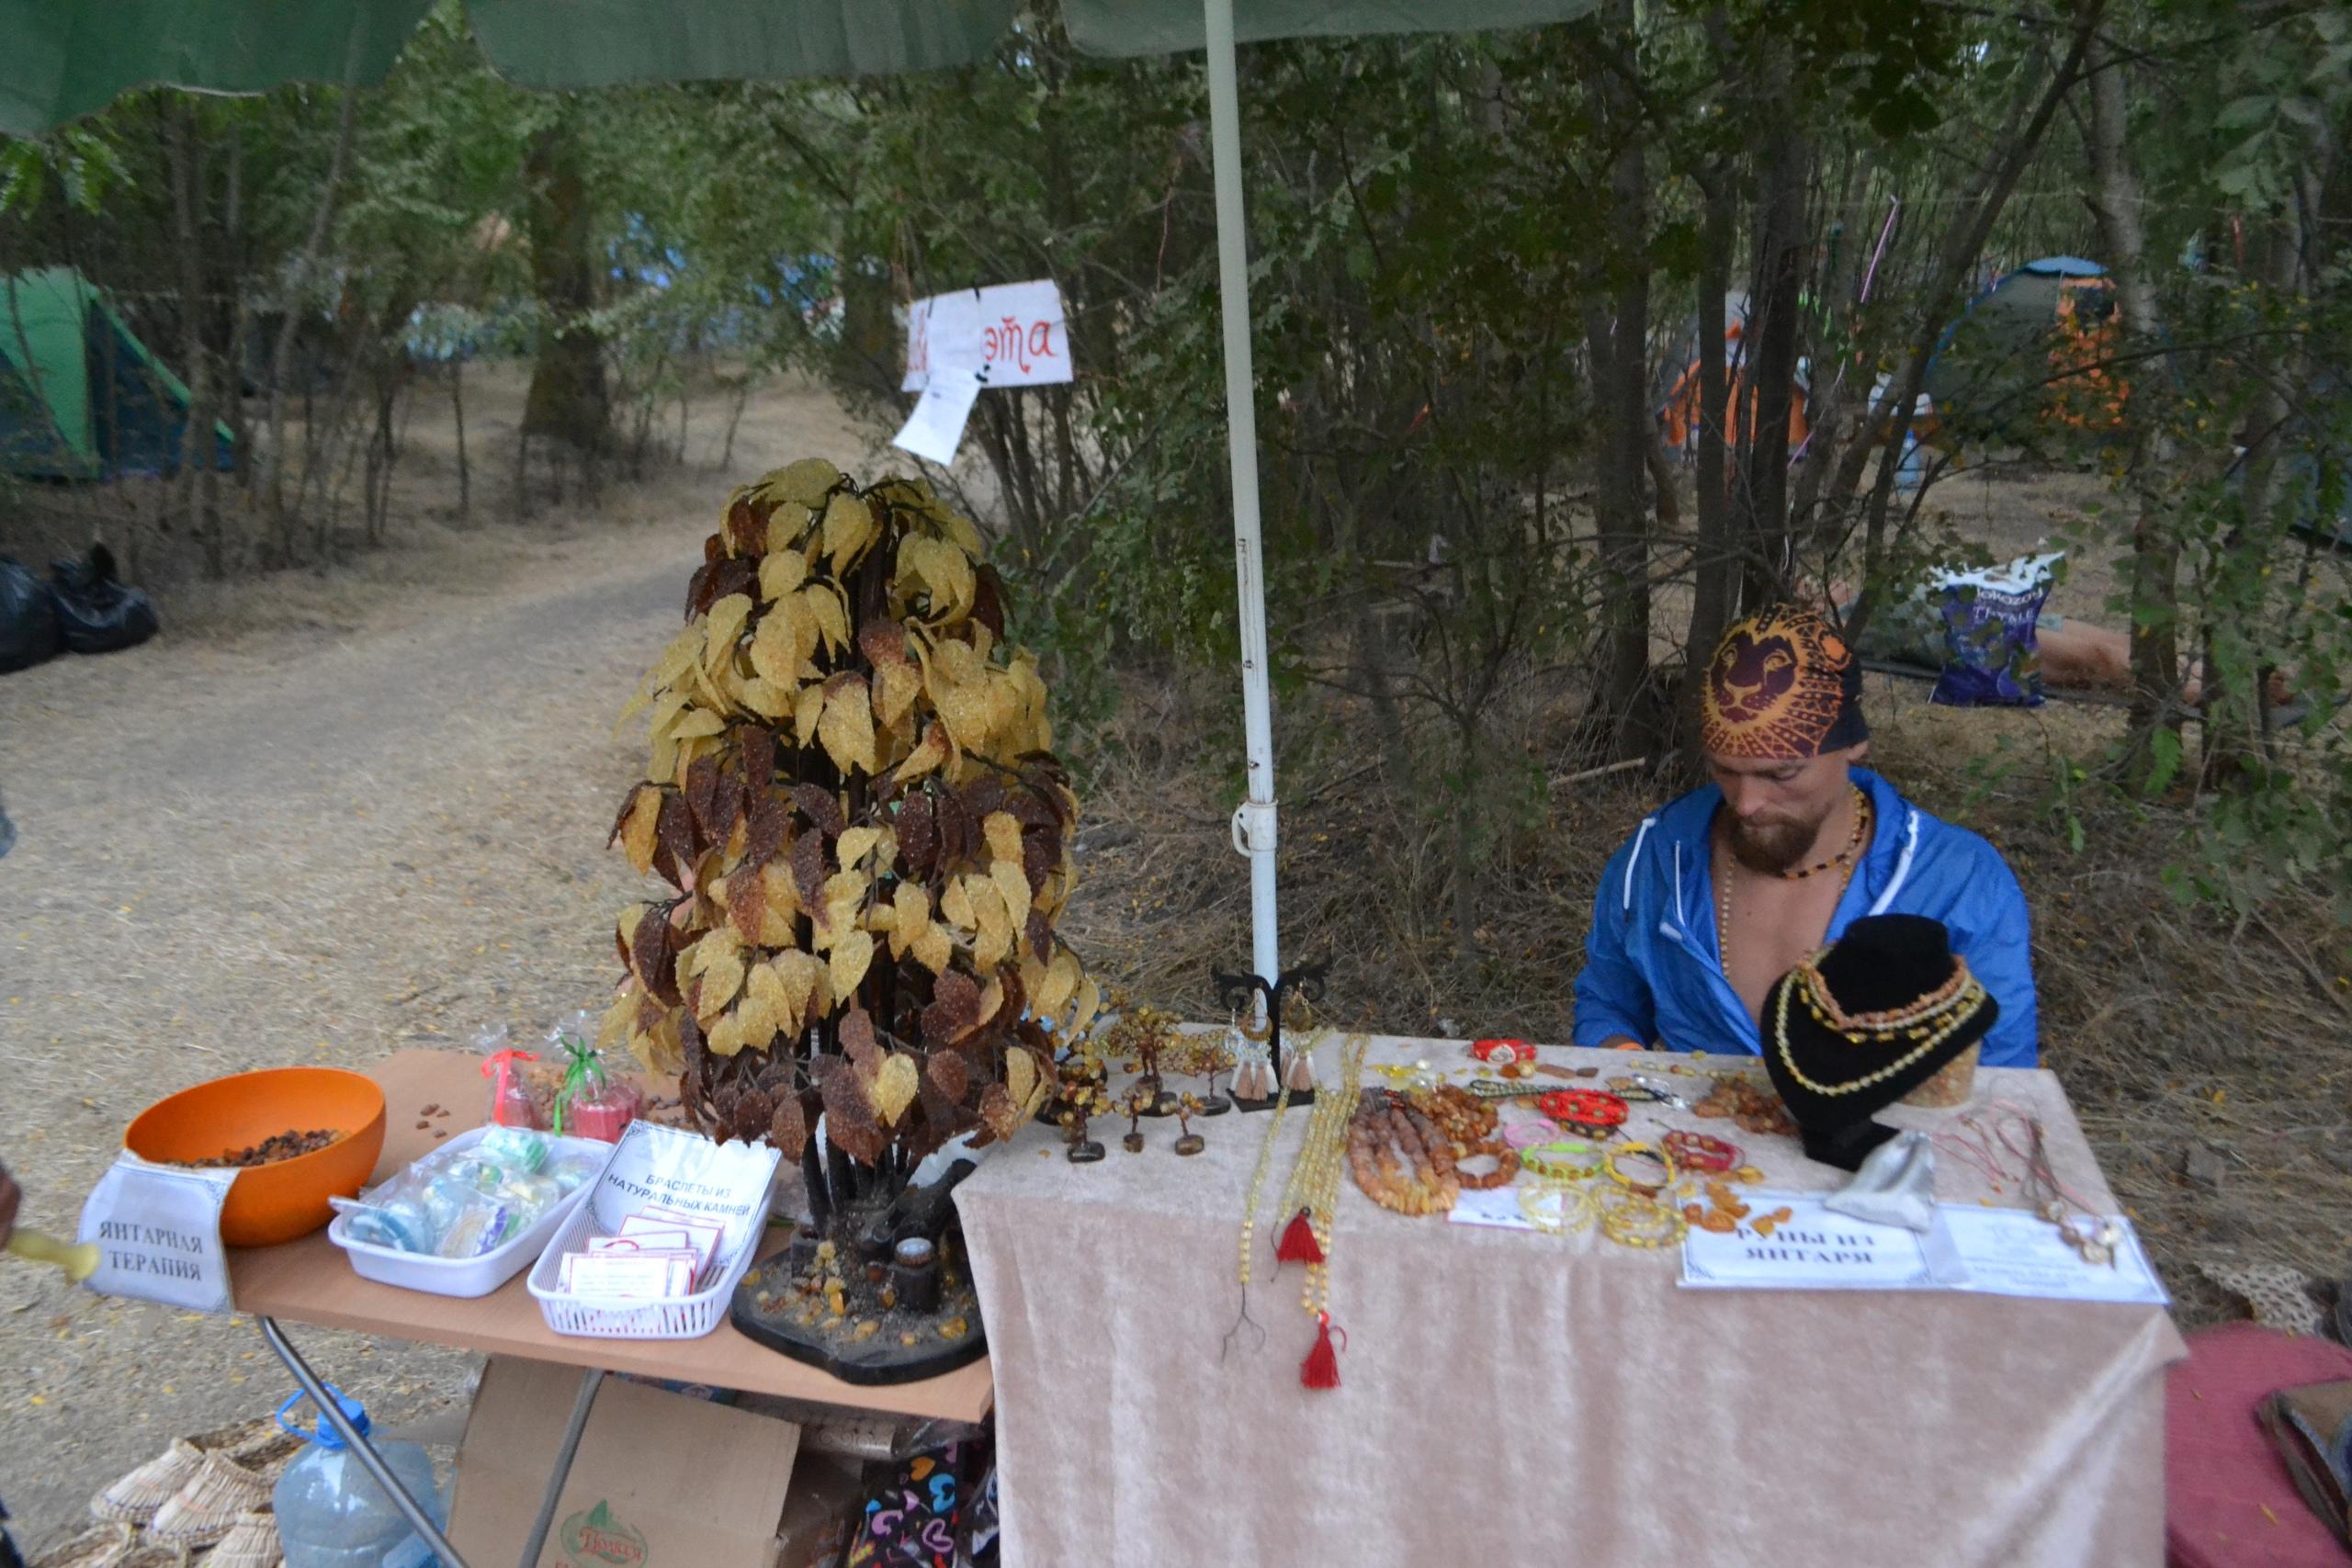 Елена Руденко (Валтея). Эзотерический фестиваль. Одесская сказка 2018 г. - Страница 6 WkUui6kcG1g